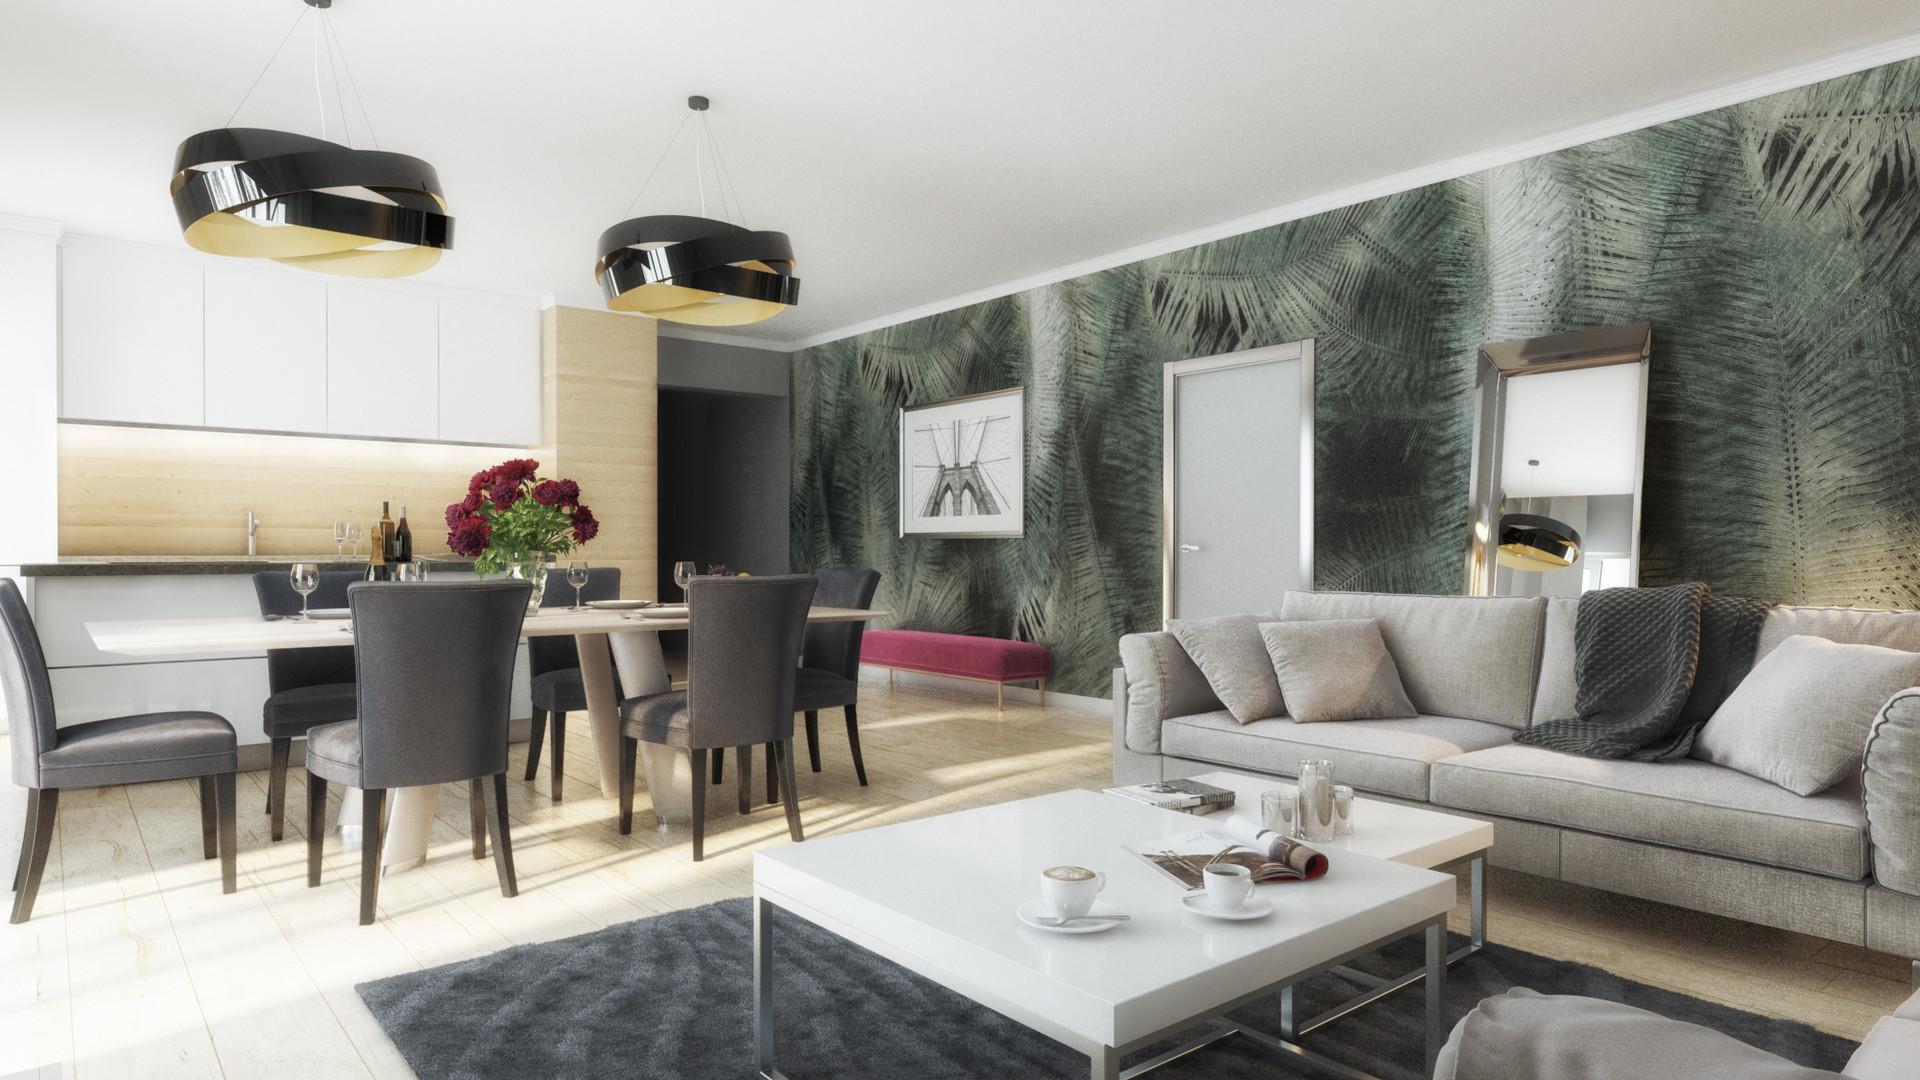 Pawel oleskow mieszkanie apartament ujecie 5